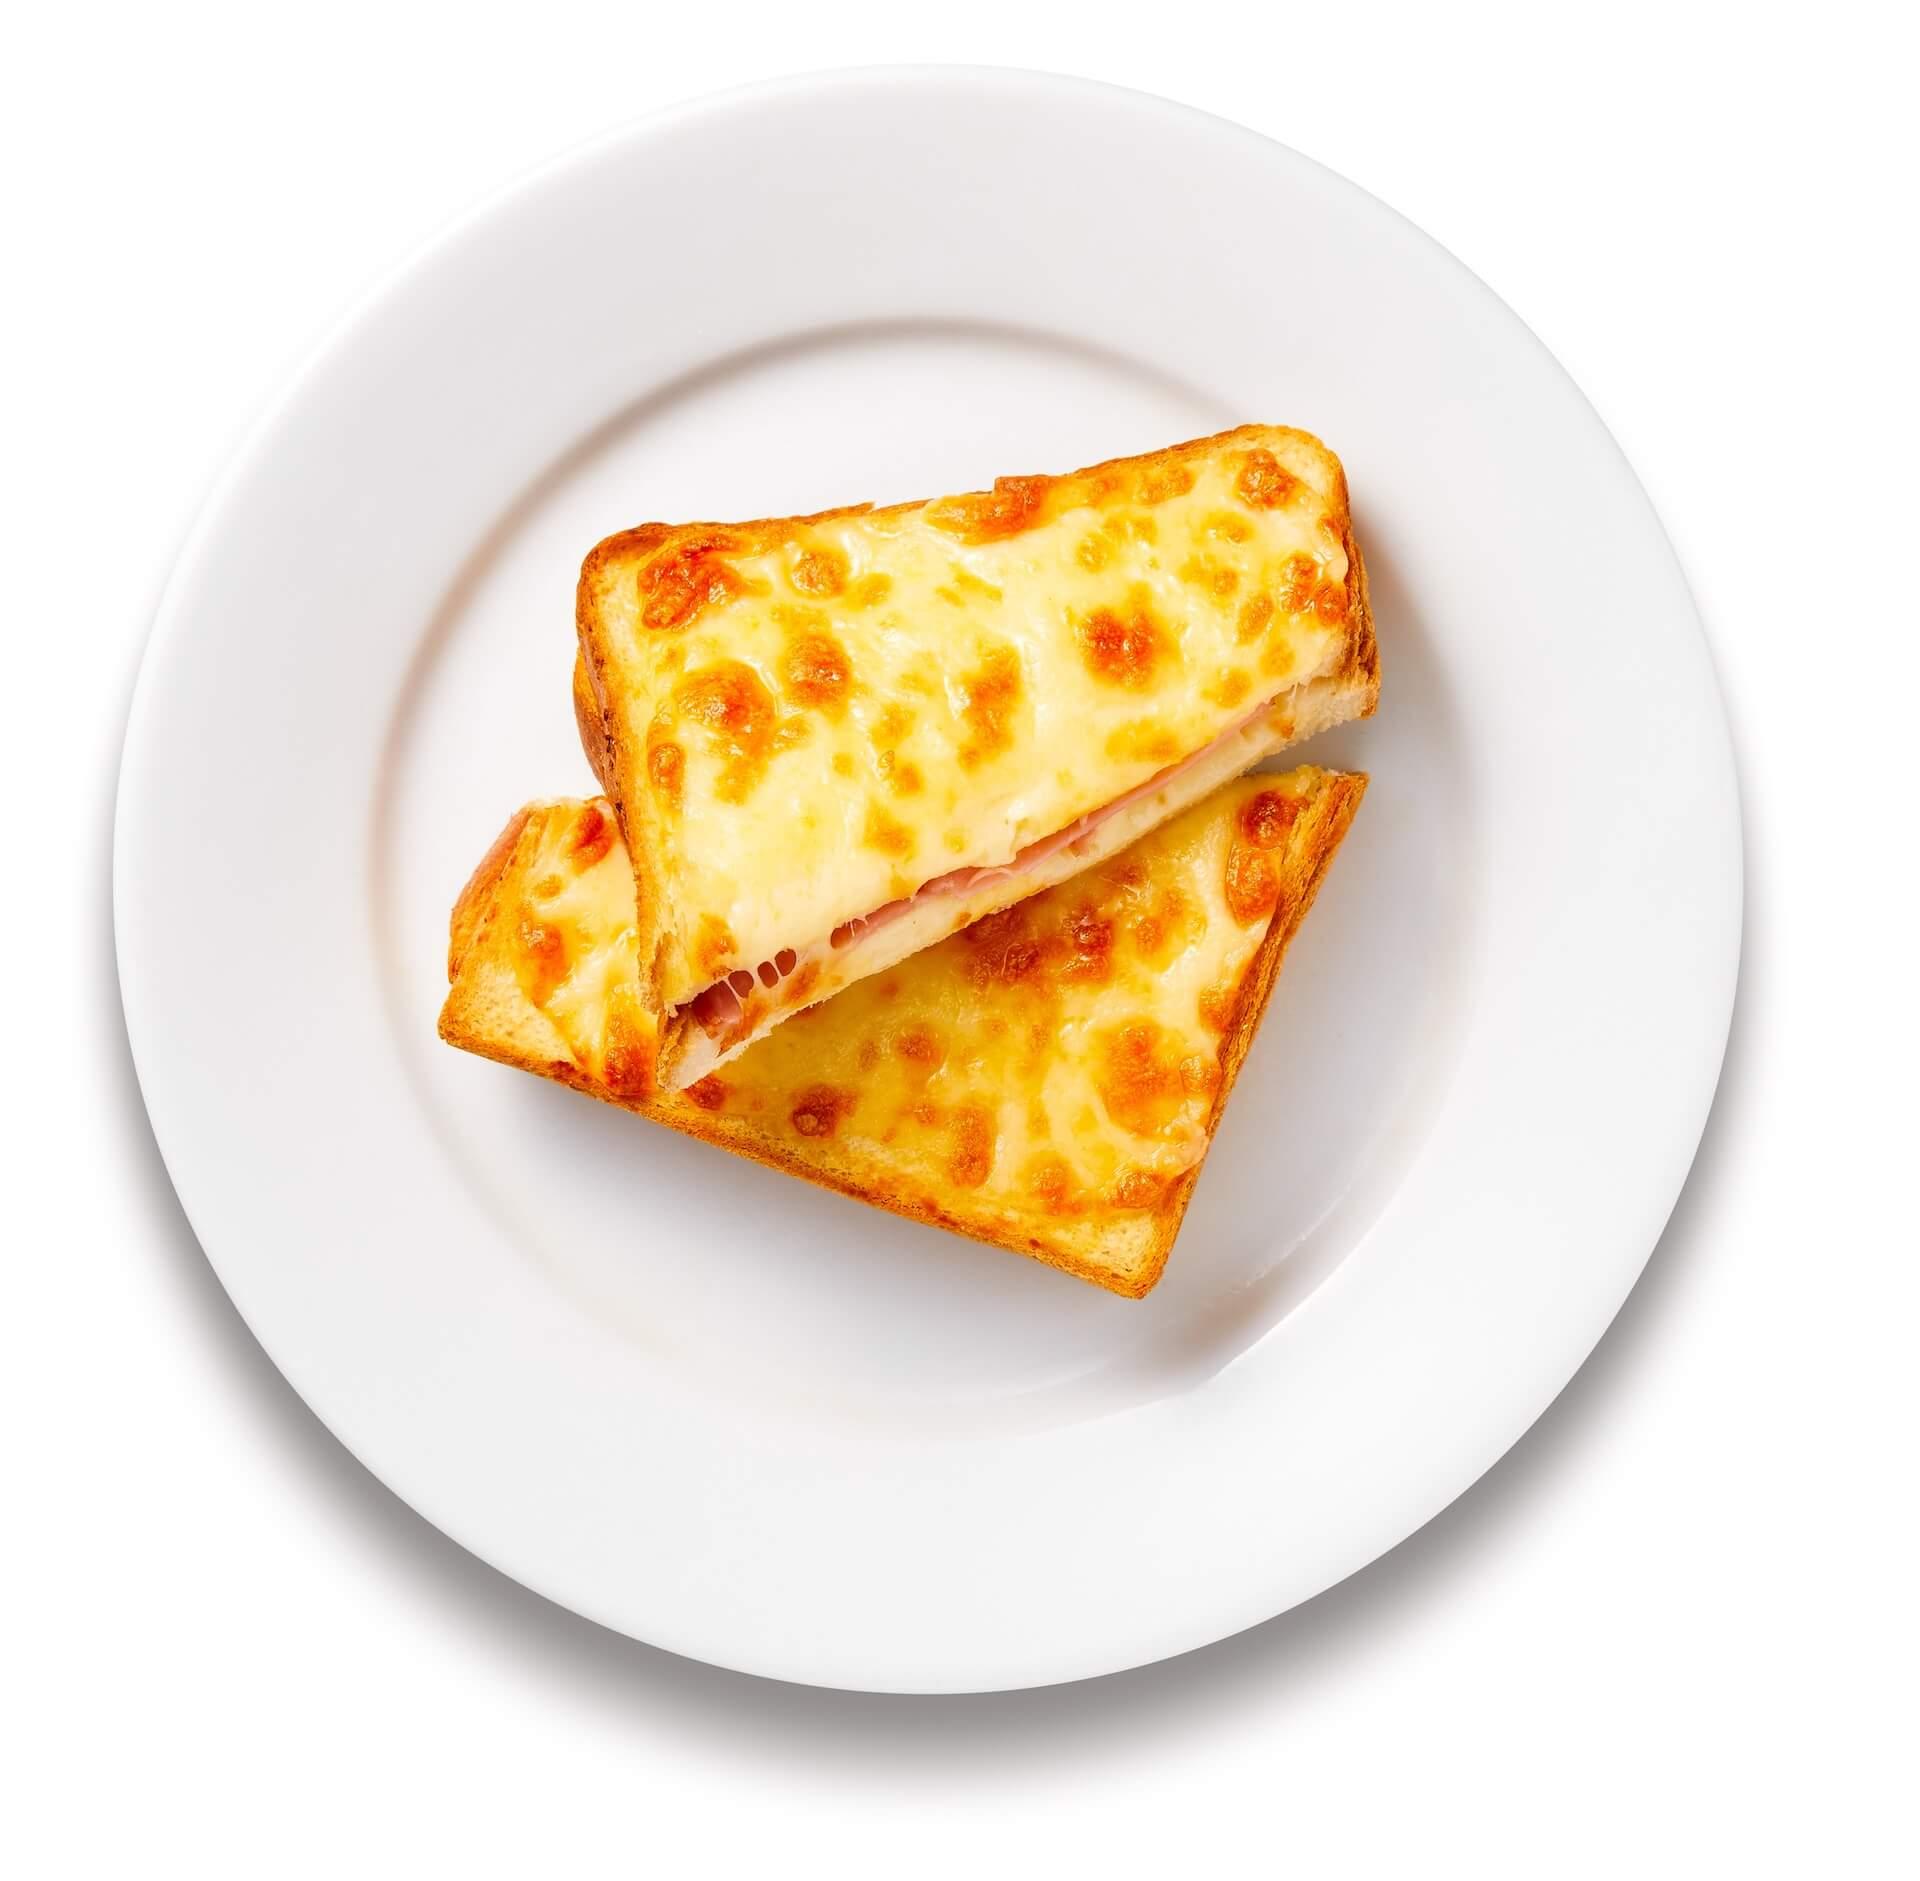 【超朗報】IKEAで<チーズ フェア>が開催!チーズにまみれのホットドッグ、ナチョス、カルボナーラ、スープ、ケーキを味わおう food191112-ikea-cheeze-7